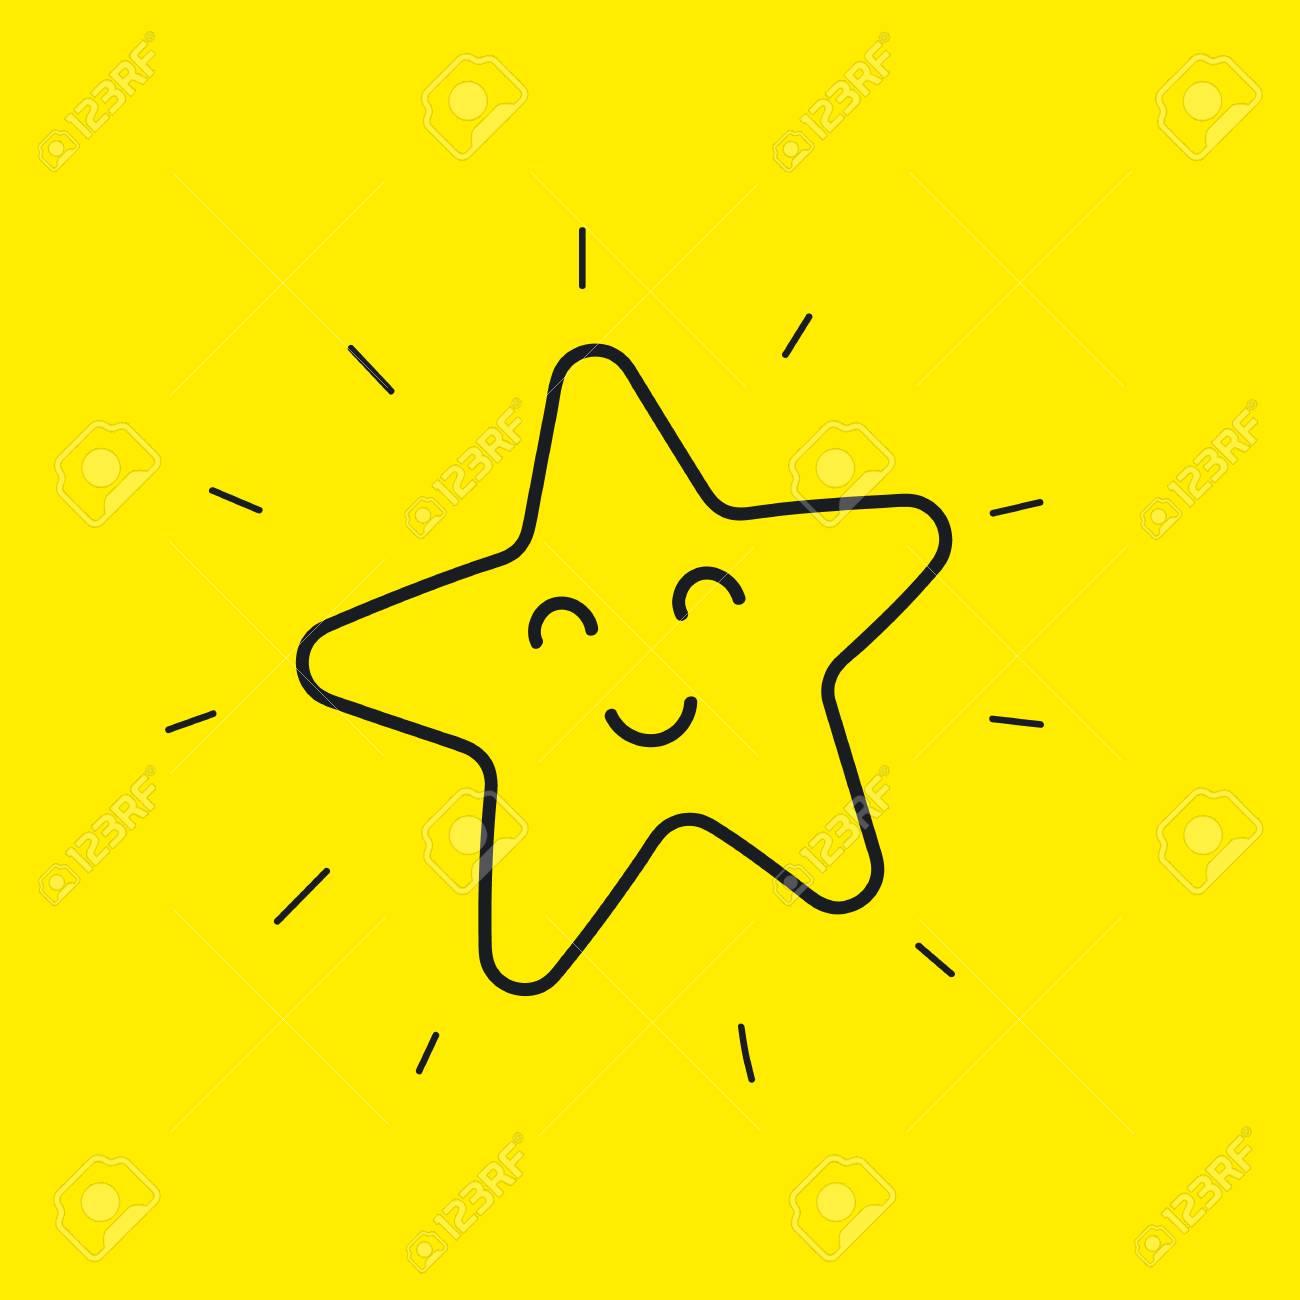 Bonne Etoile Smiley Icone De Ligne Dessines A La Main Bonne Journee Isolee Sur Jaune Emoticone De Fleur Heureuse Emoticone Illustration Vectorielle Clip Art Libres De Droits Vecteurs Et Illustration Image 74807977